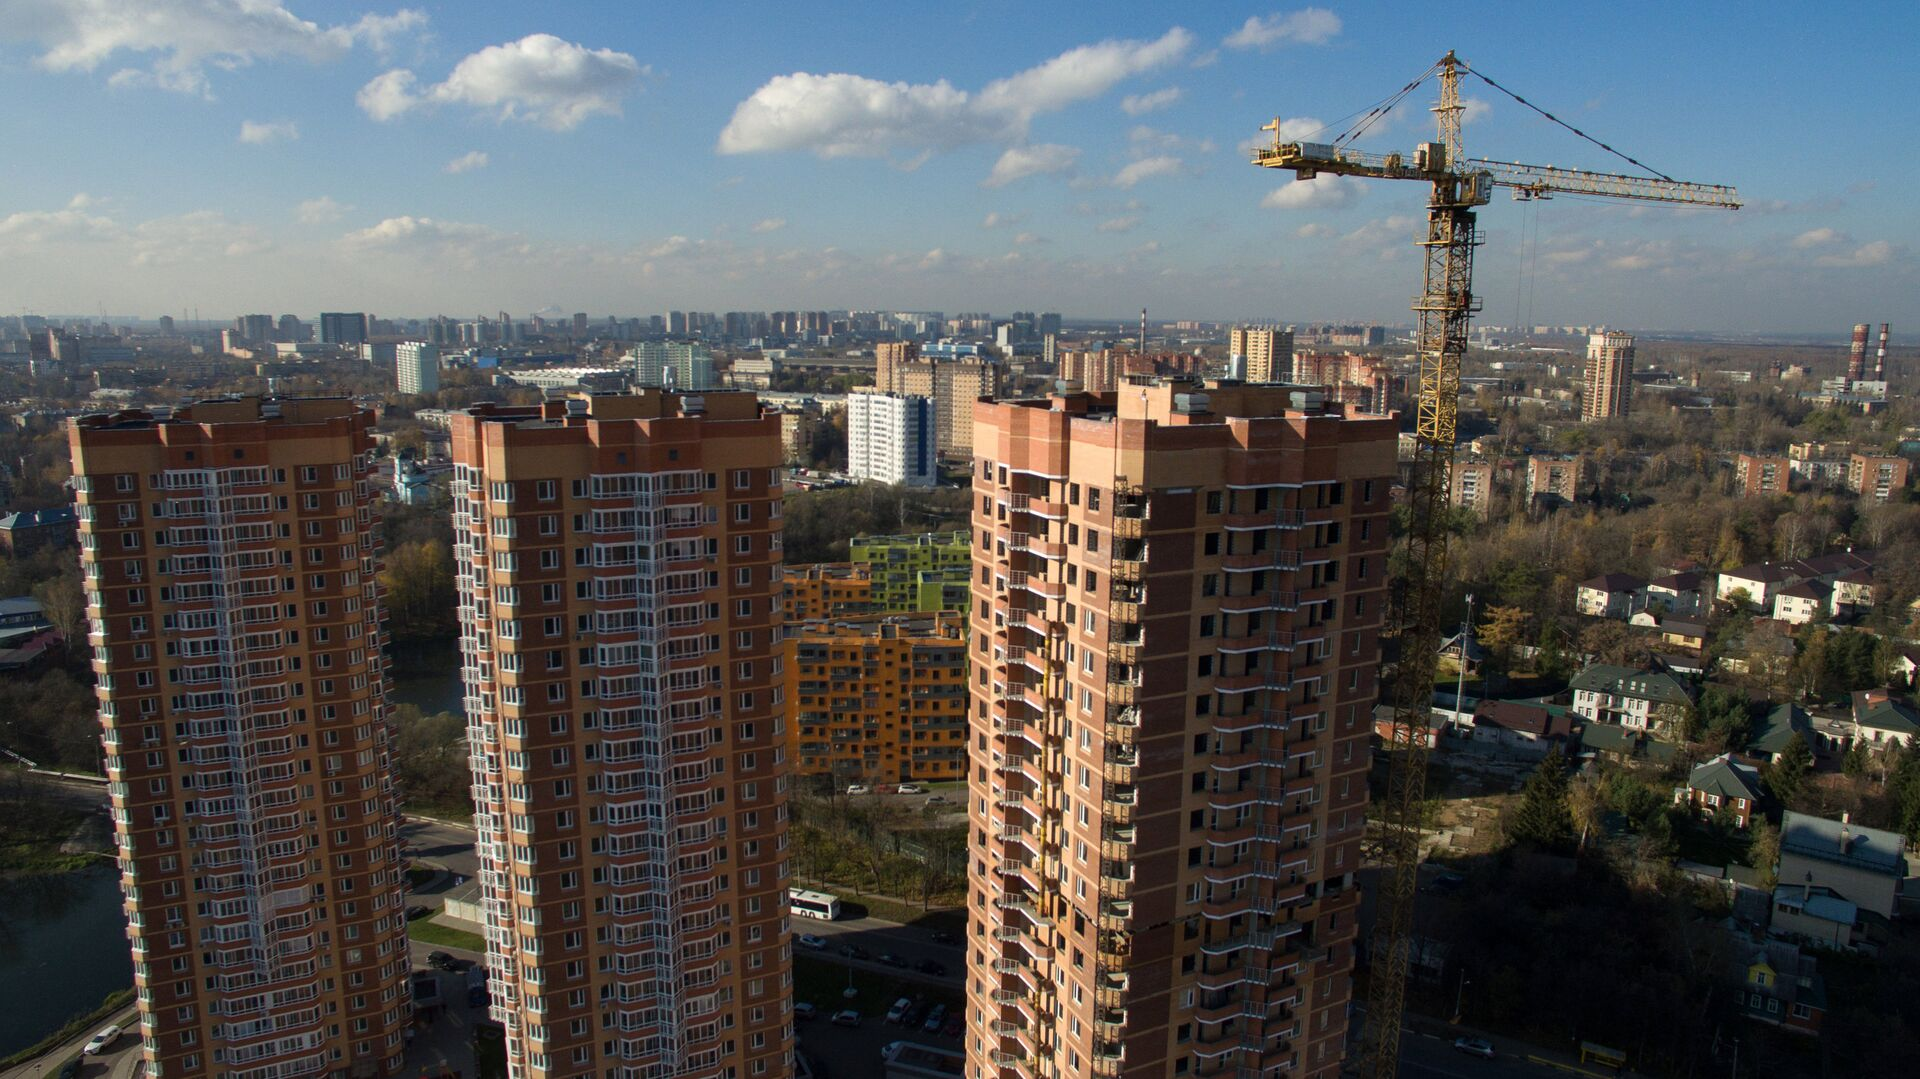 Строительство жилых домов в городе Химки  - РИА Новости, 1920, 02.09.2020